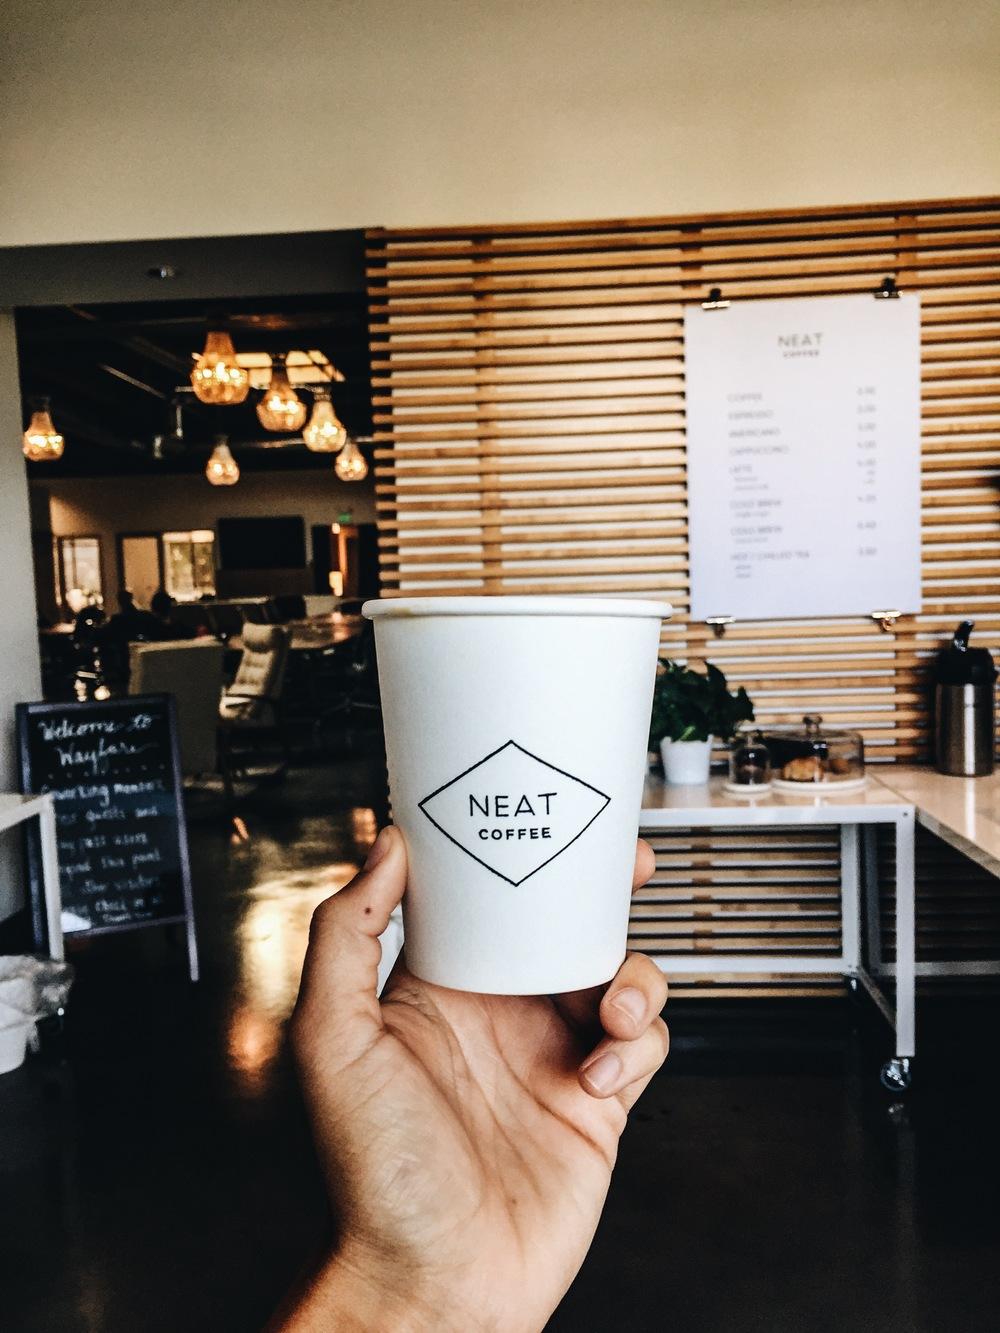 neatcoffee_cup.JPG